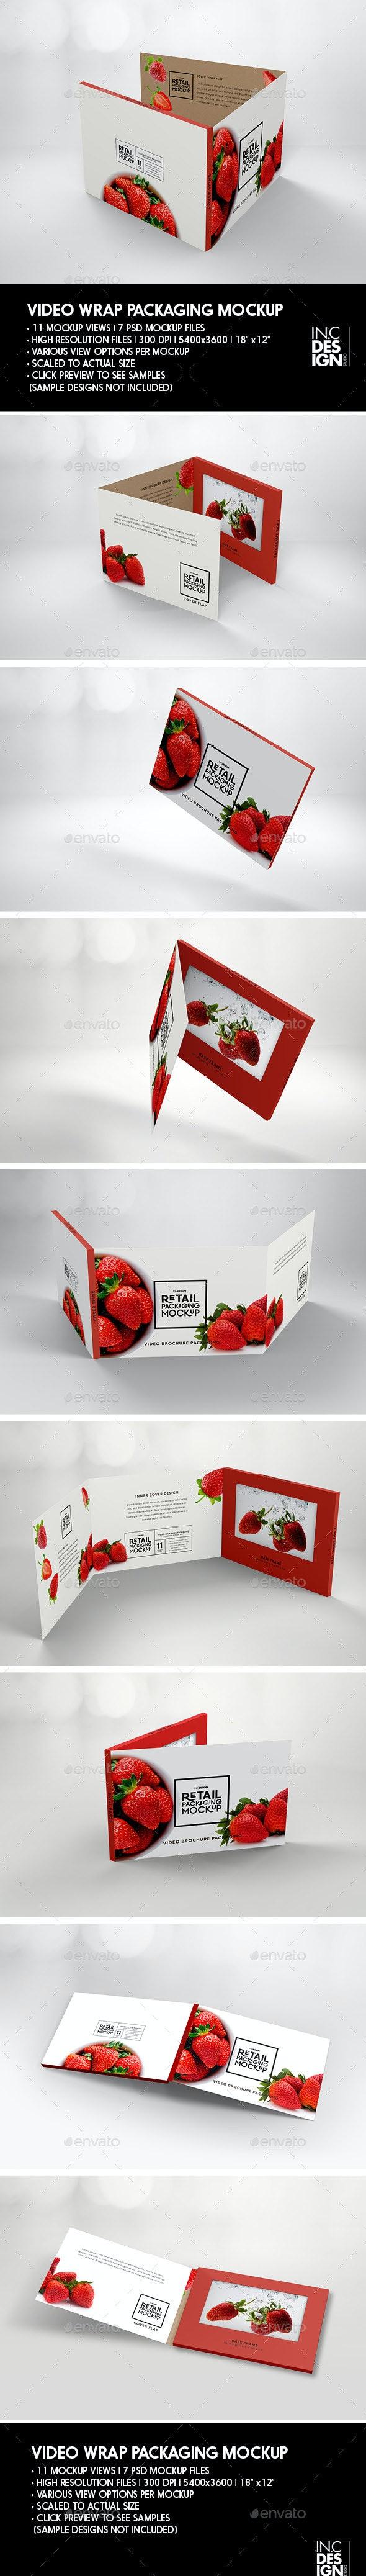 Retail Video Wrap Brochure Packaging Mockup - Packaging Product Mock-Ups